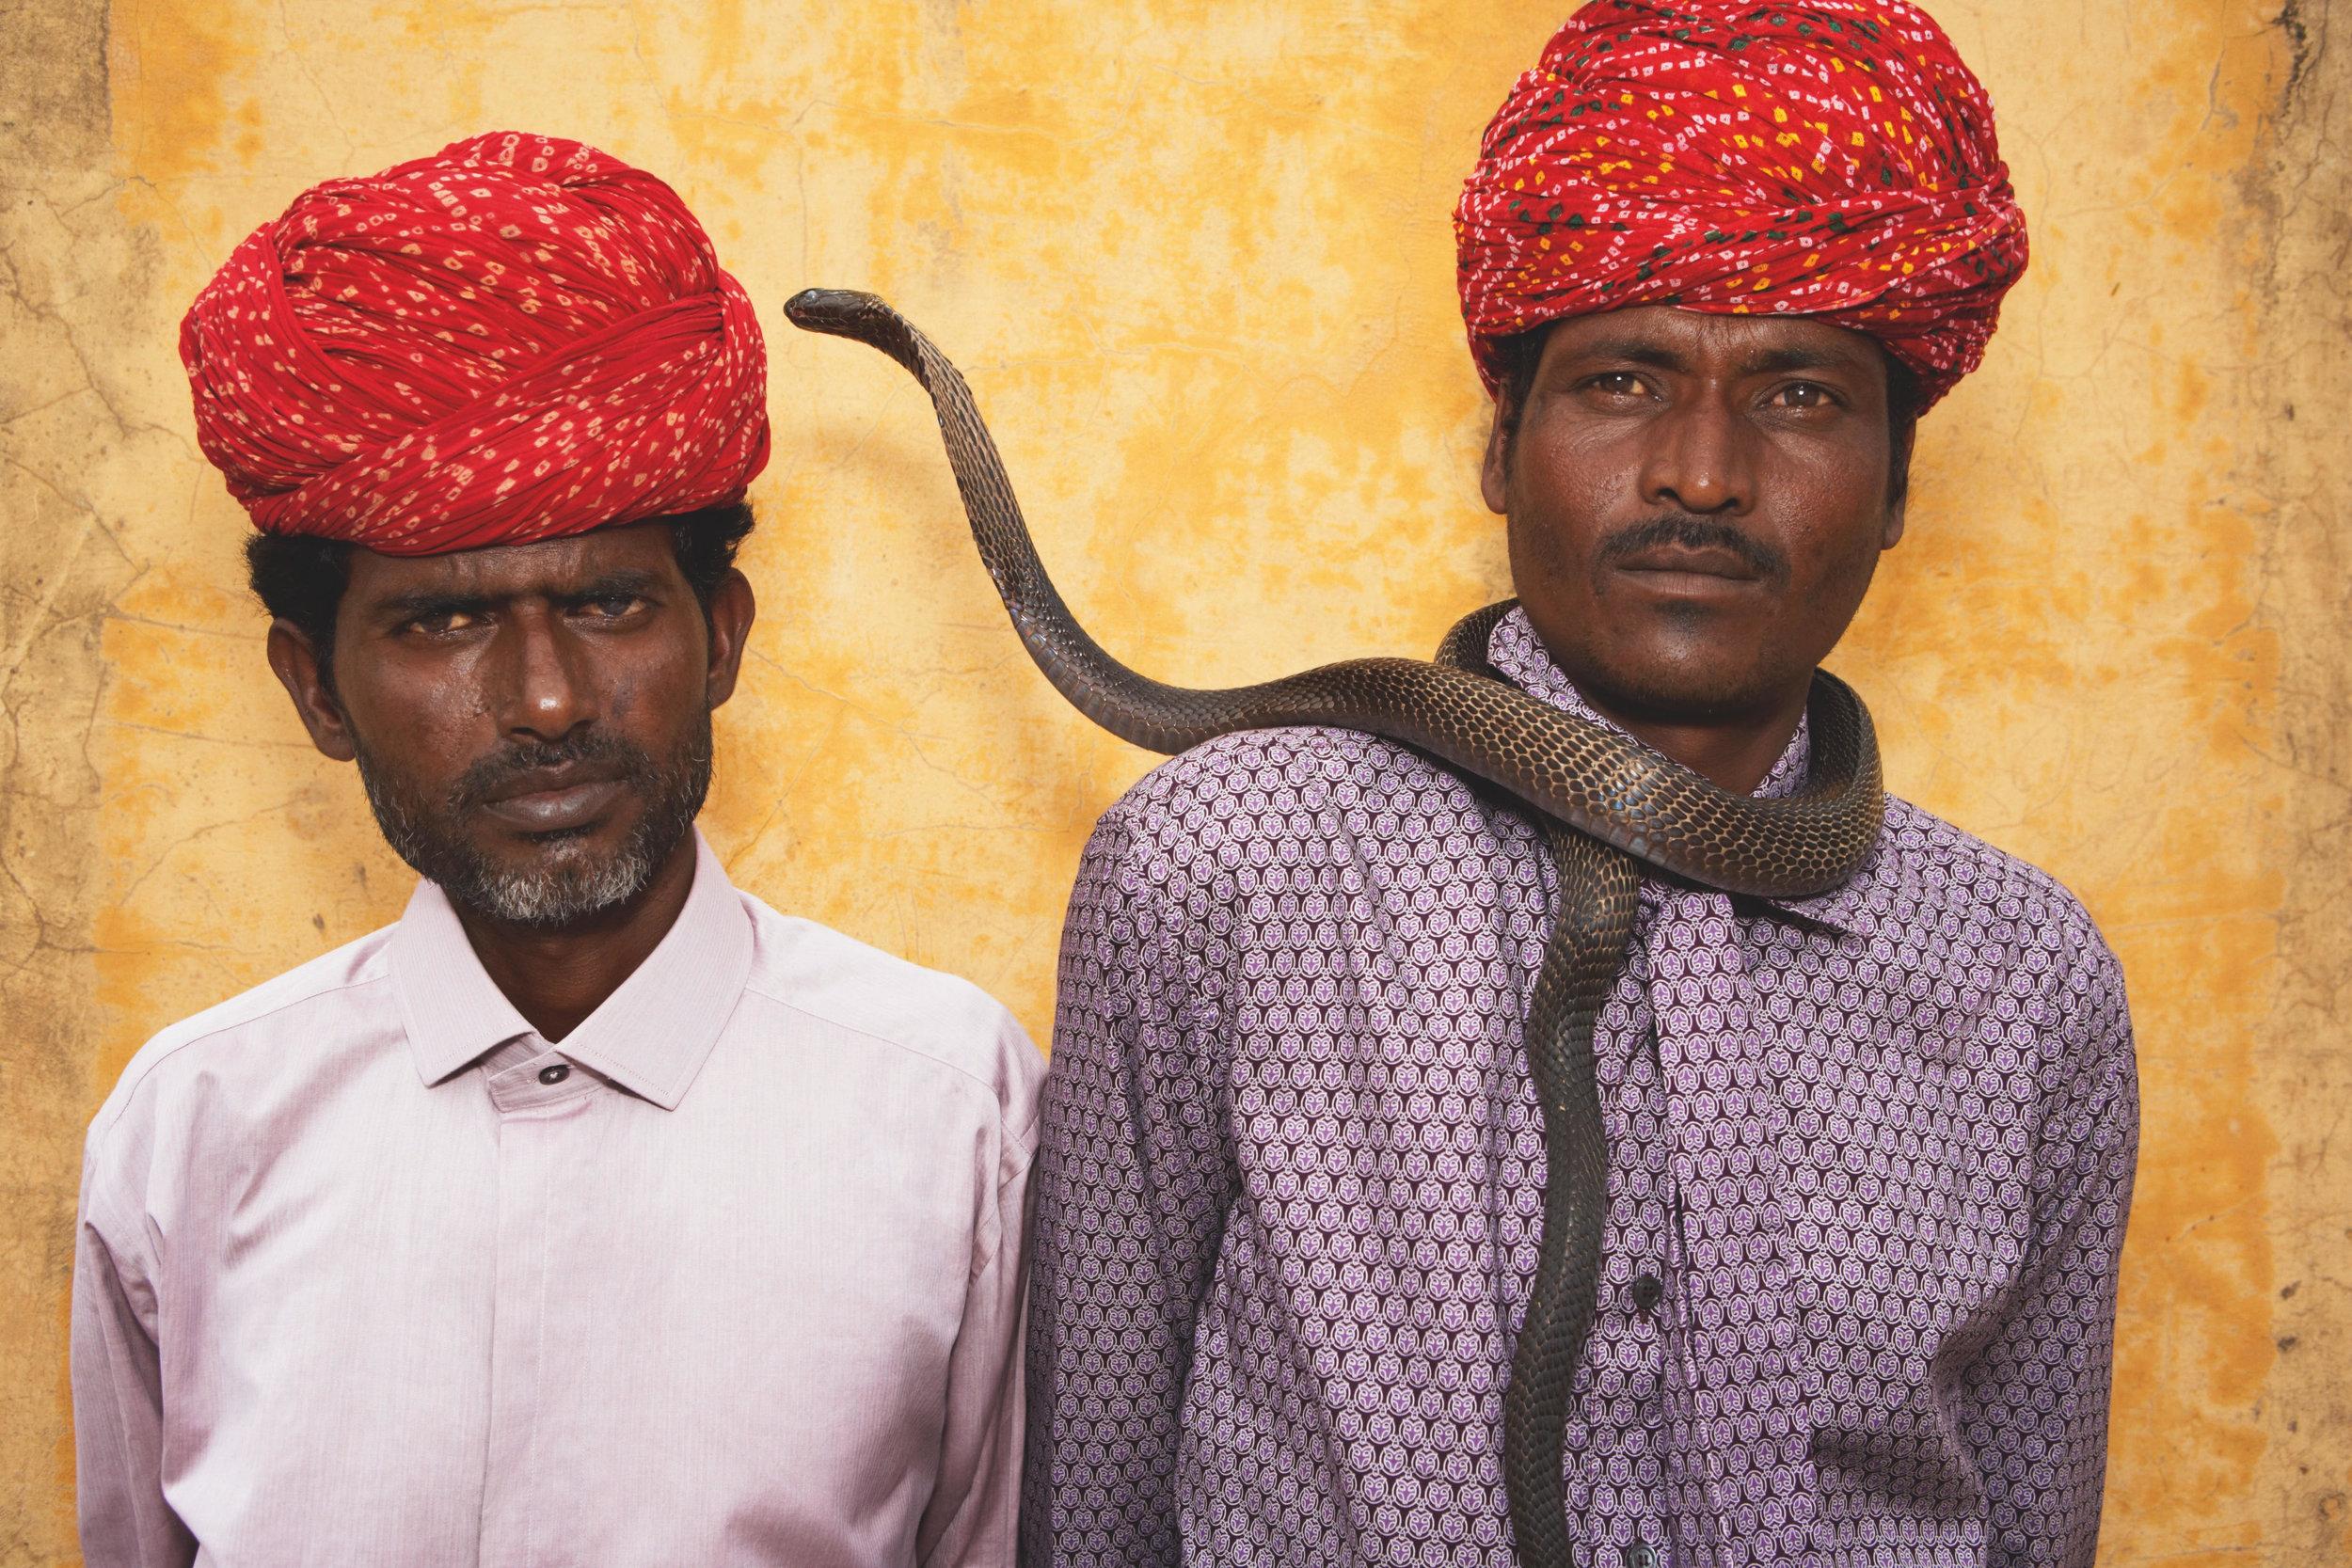 Brothers Harjinath and Kaliasnath Sapera. India.© 2017 Alice Hawkins